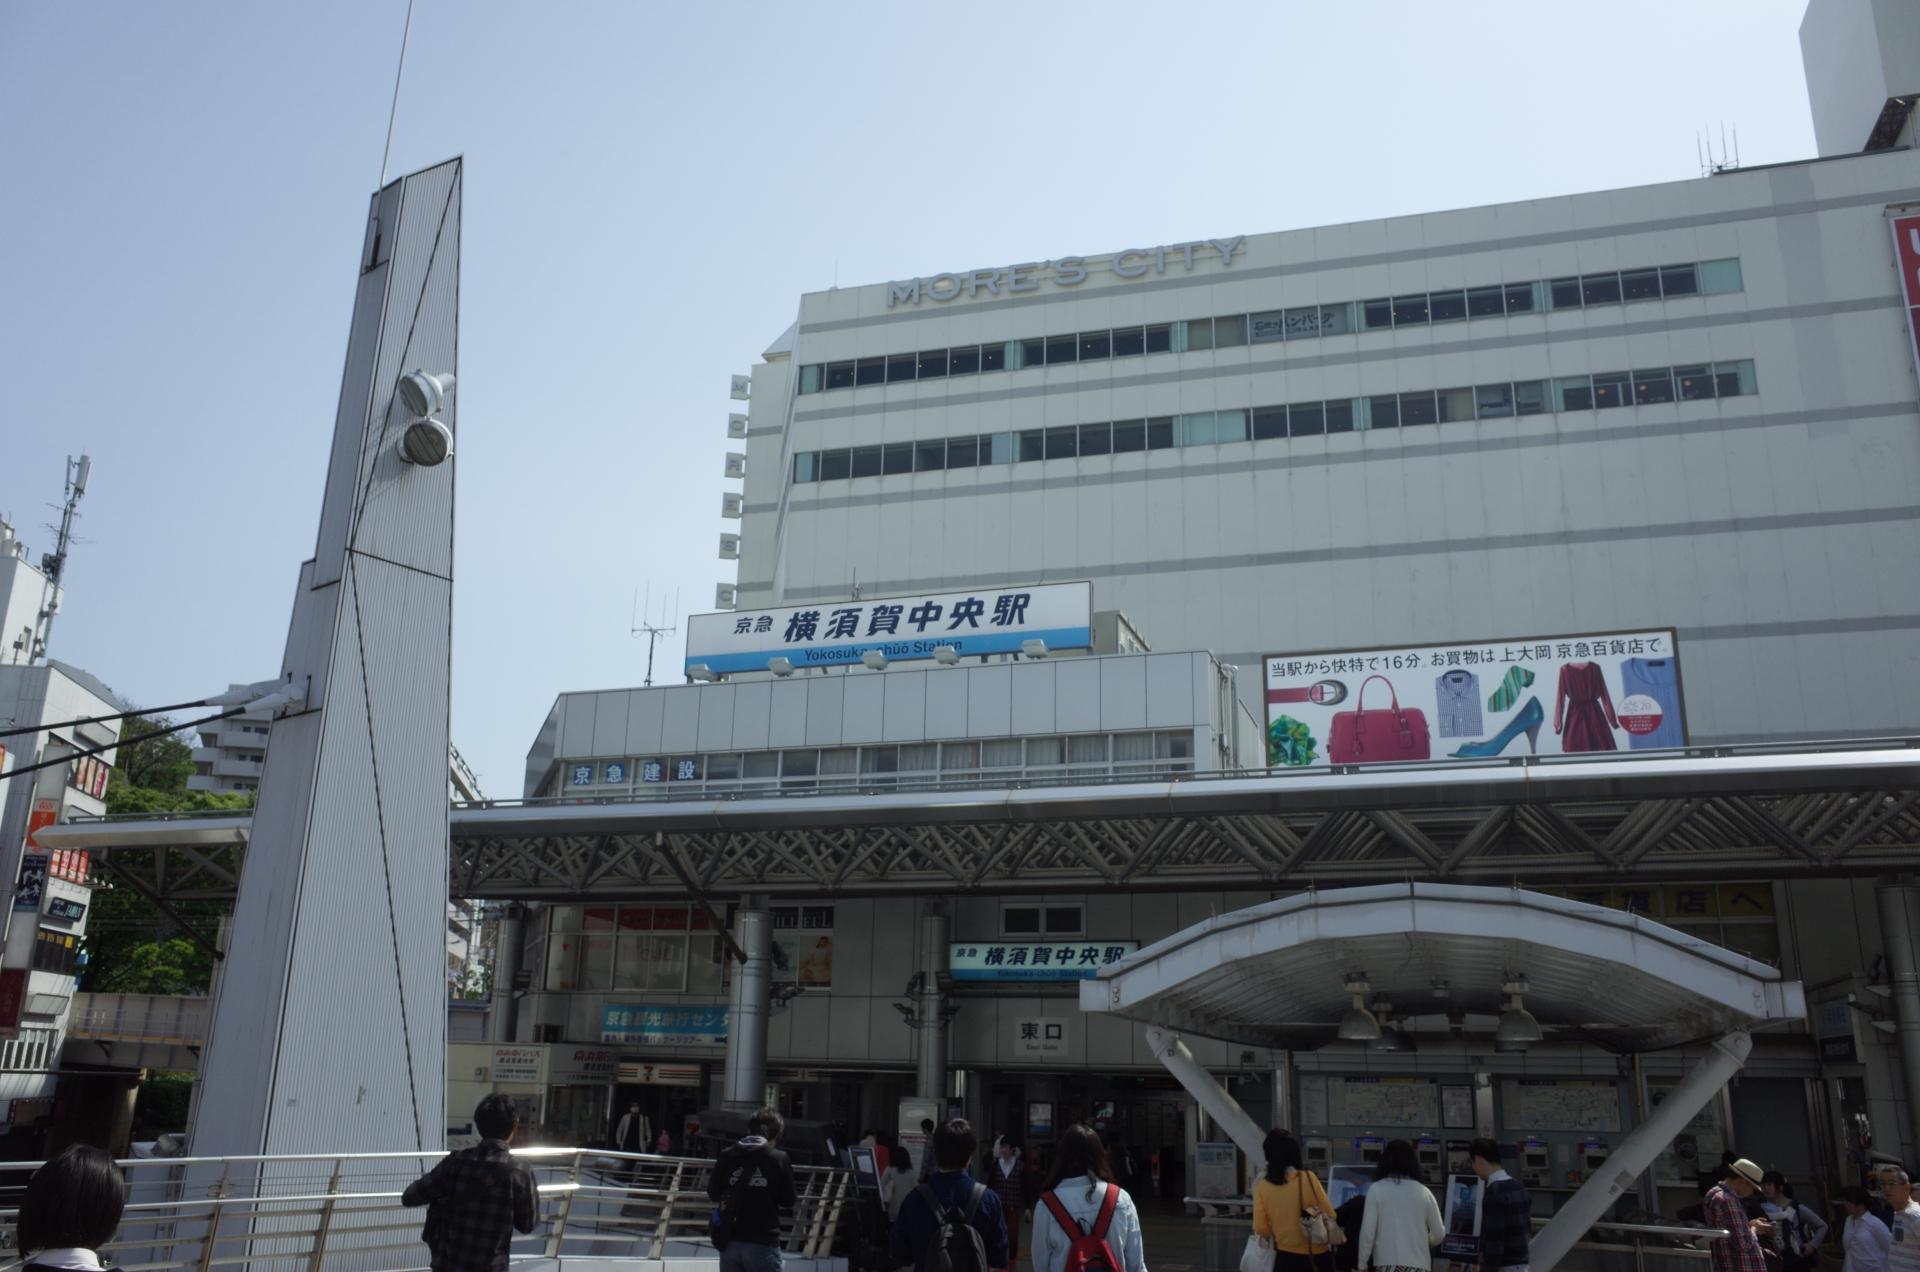 京急横須賀中央駅舎